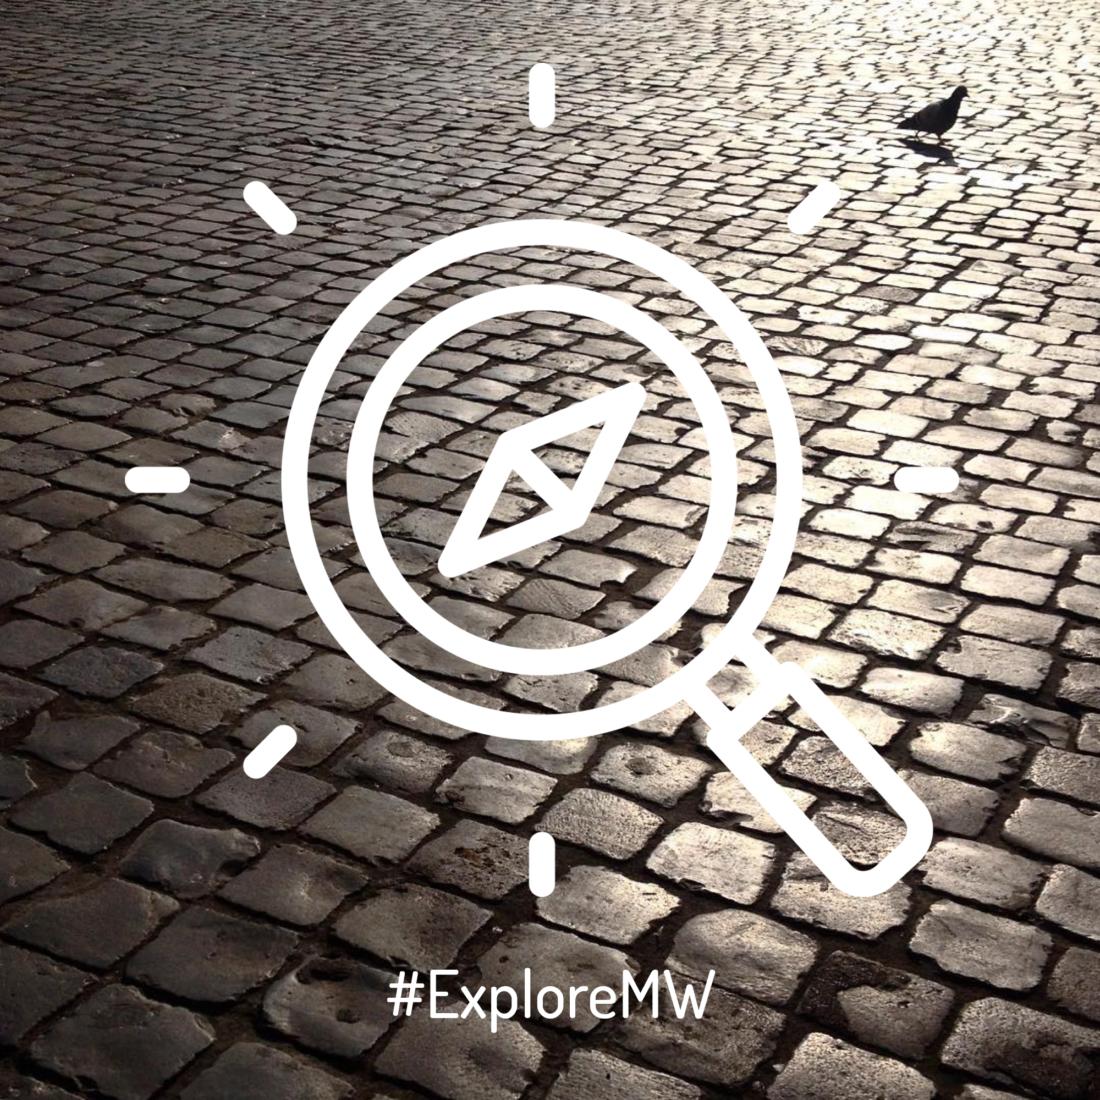 #ExploreMW